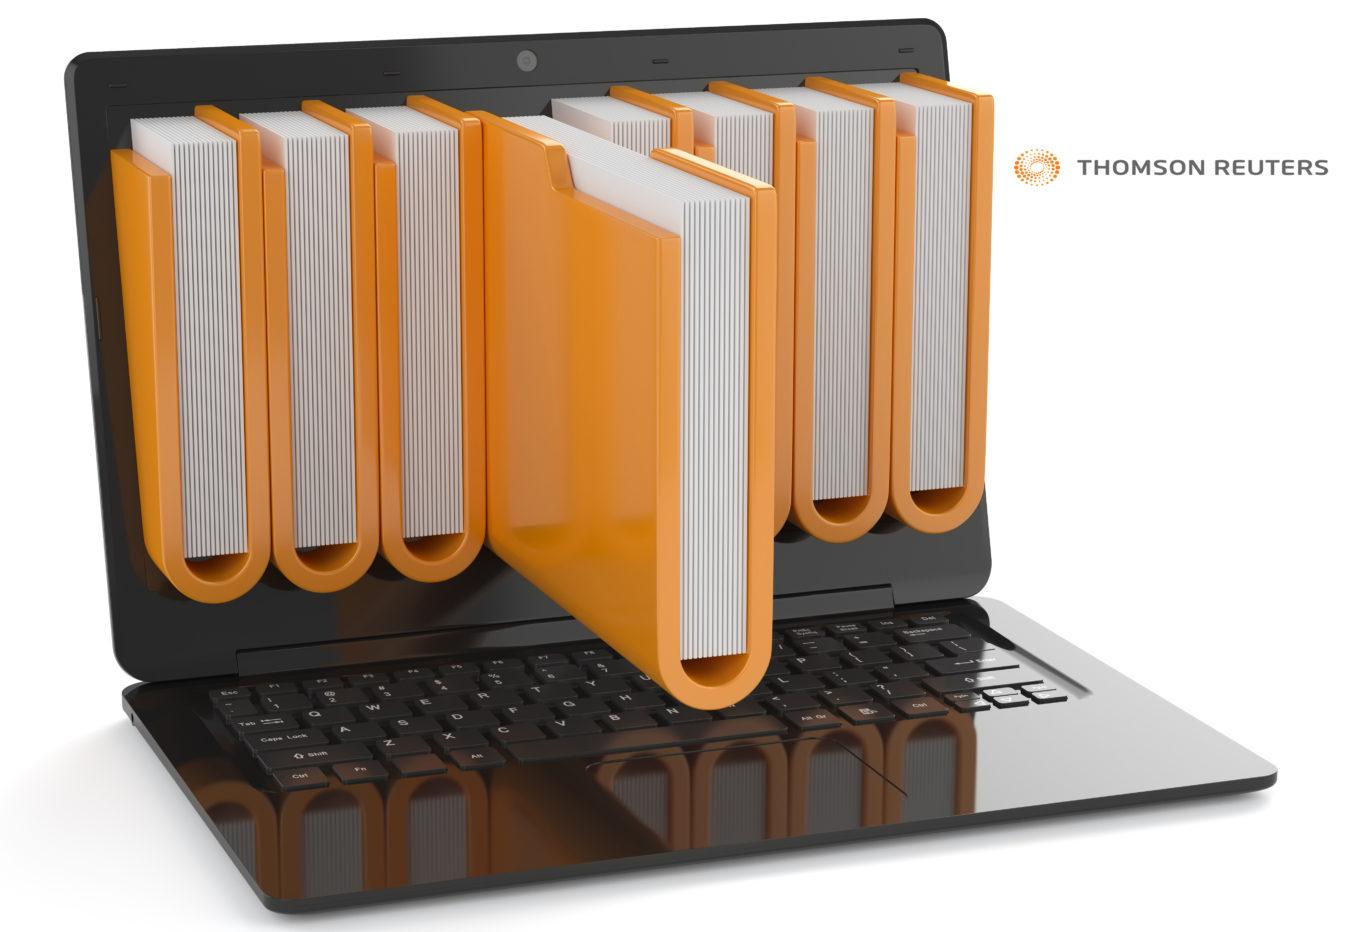 thomson reuters surveys case notebook